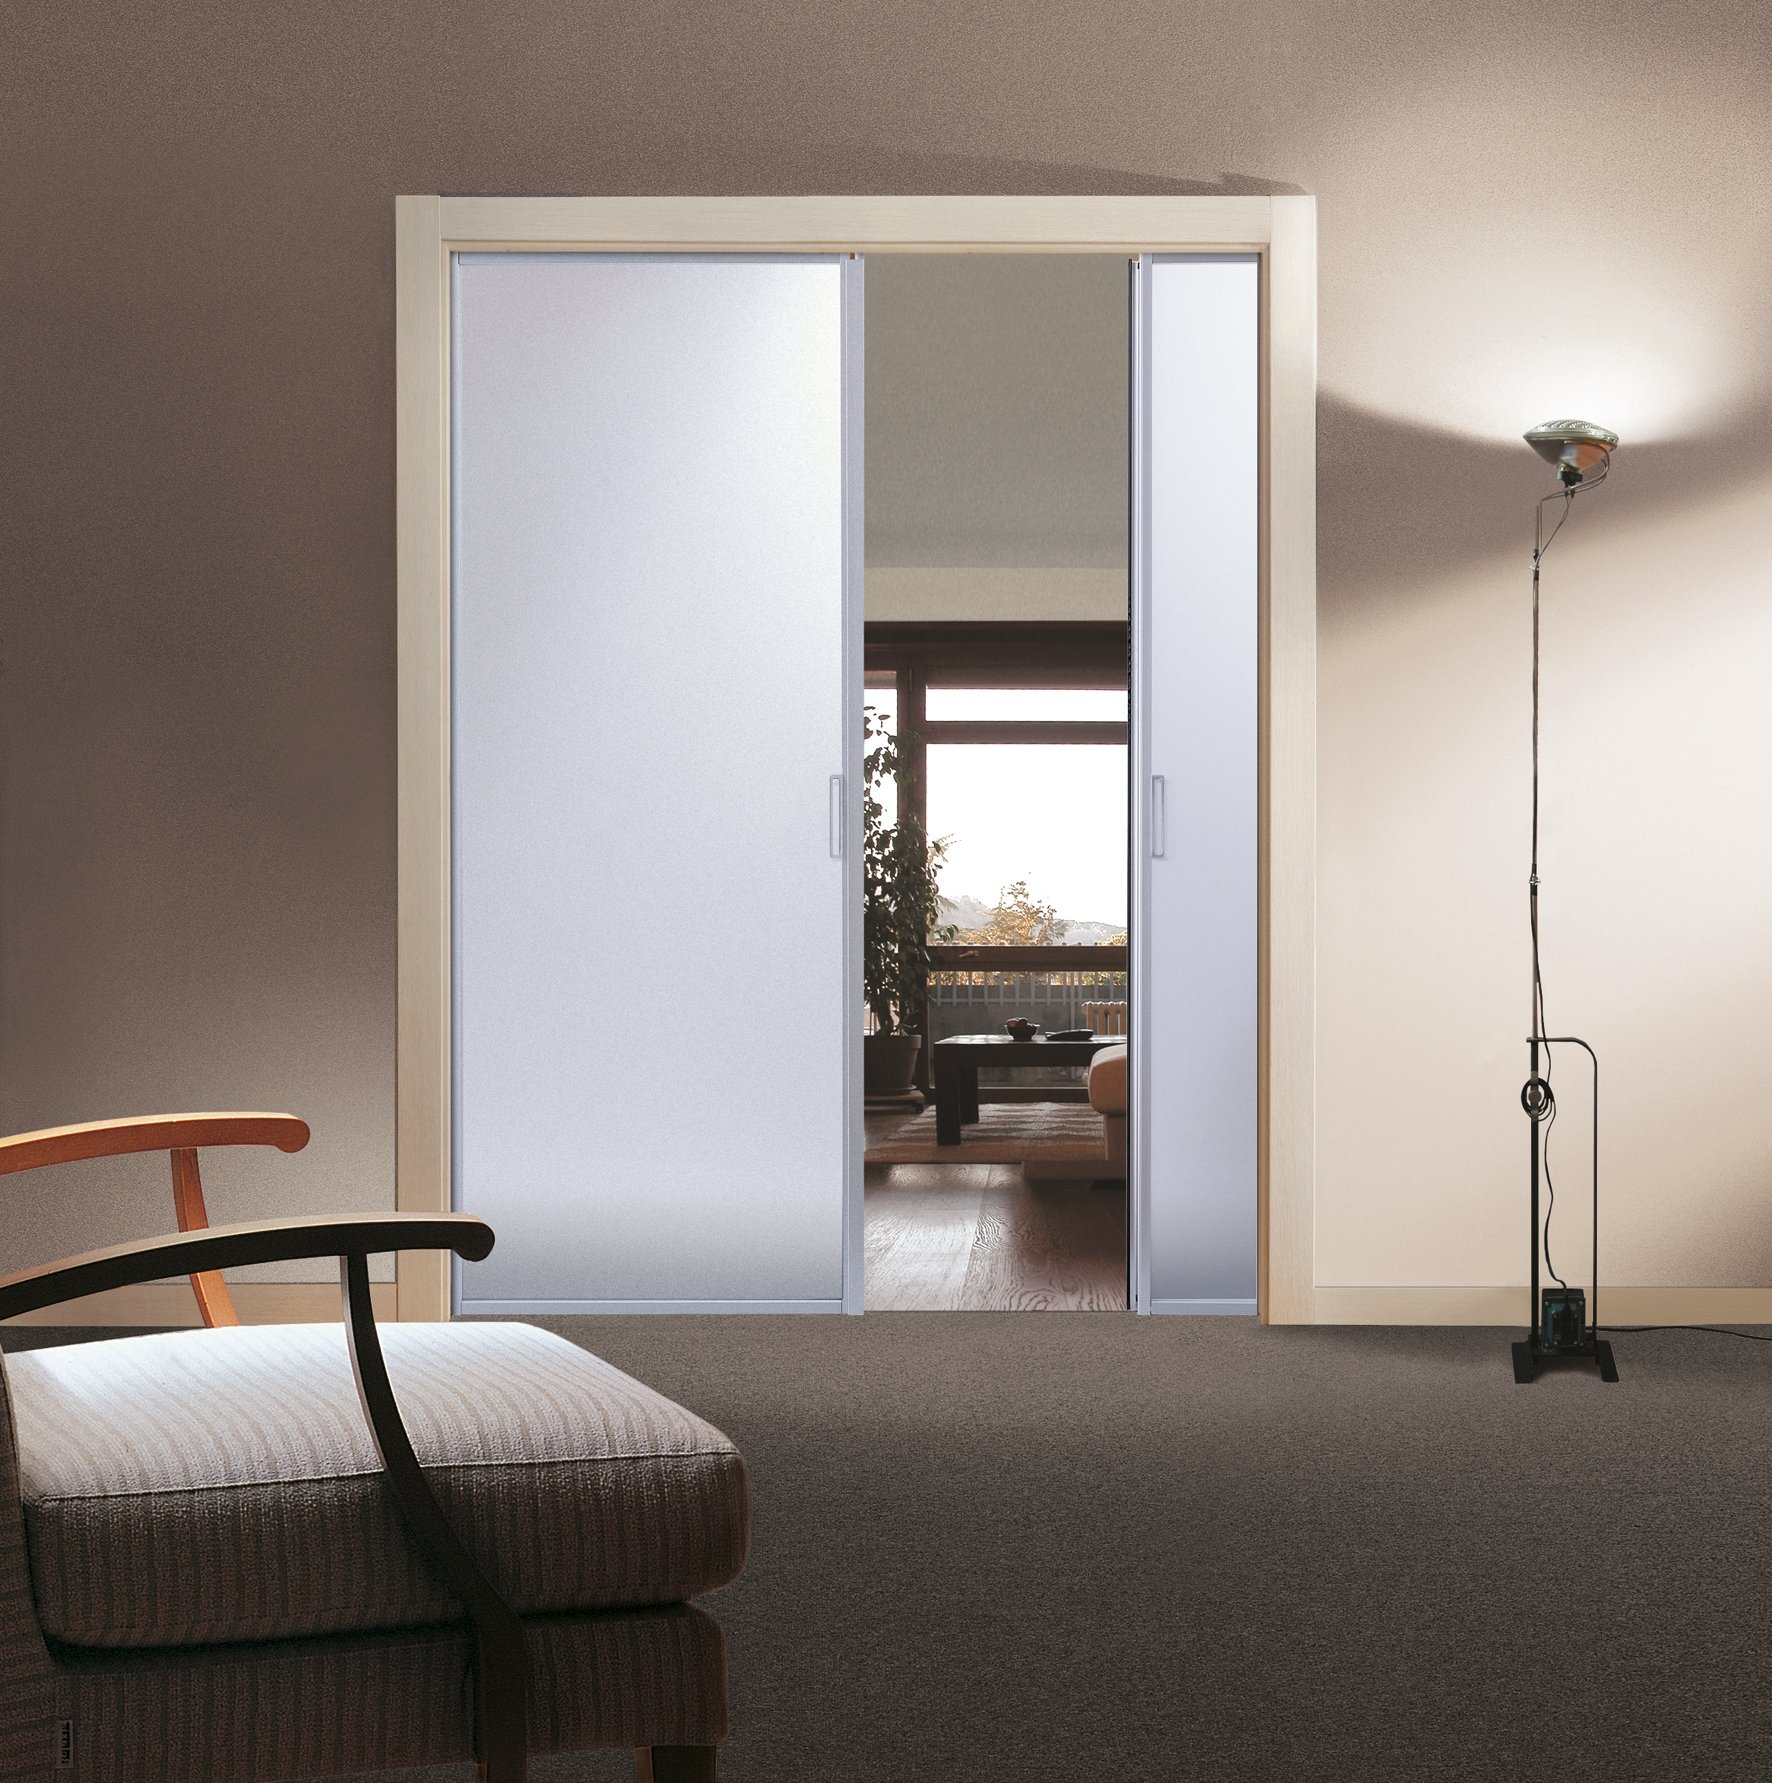 Porte scorrevoli per risolvere problemi di spazio cose - Porta scorrevole doppia ...